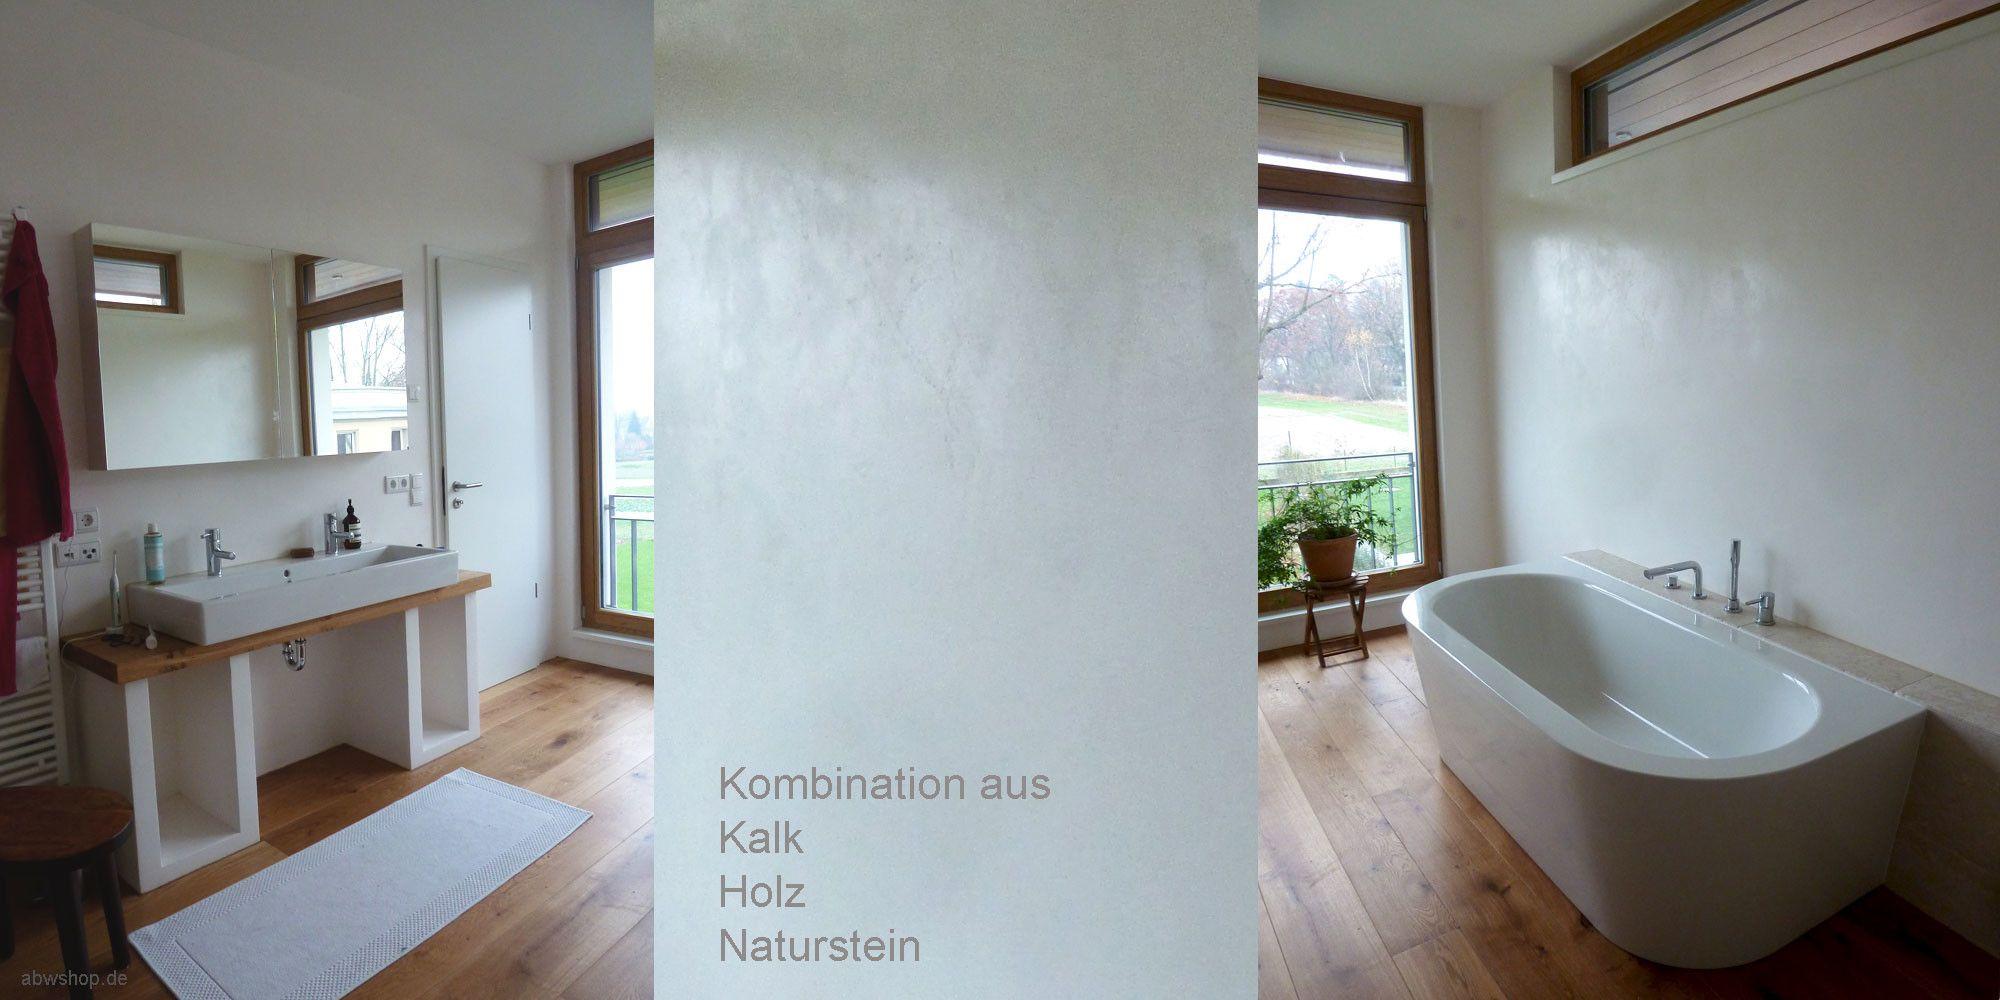 kalk holz naturstein. Black Bedroom Furniture Sets. Home Design Ideas